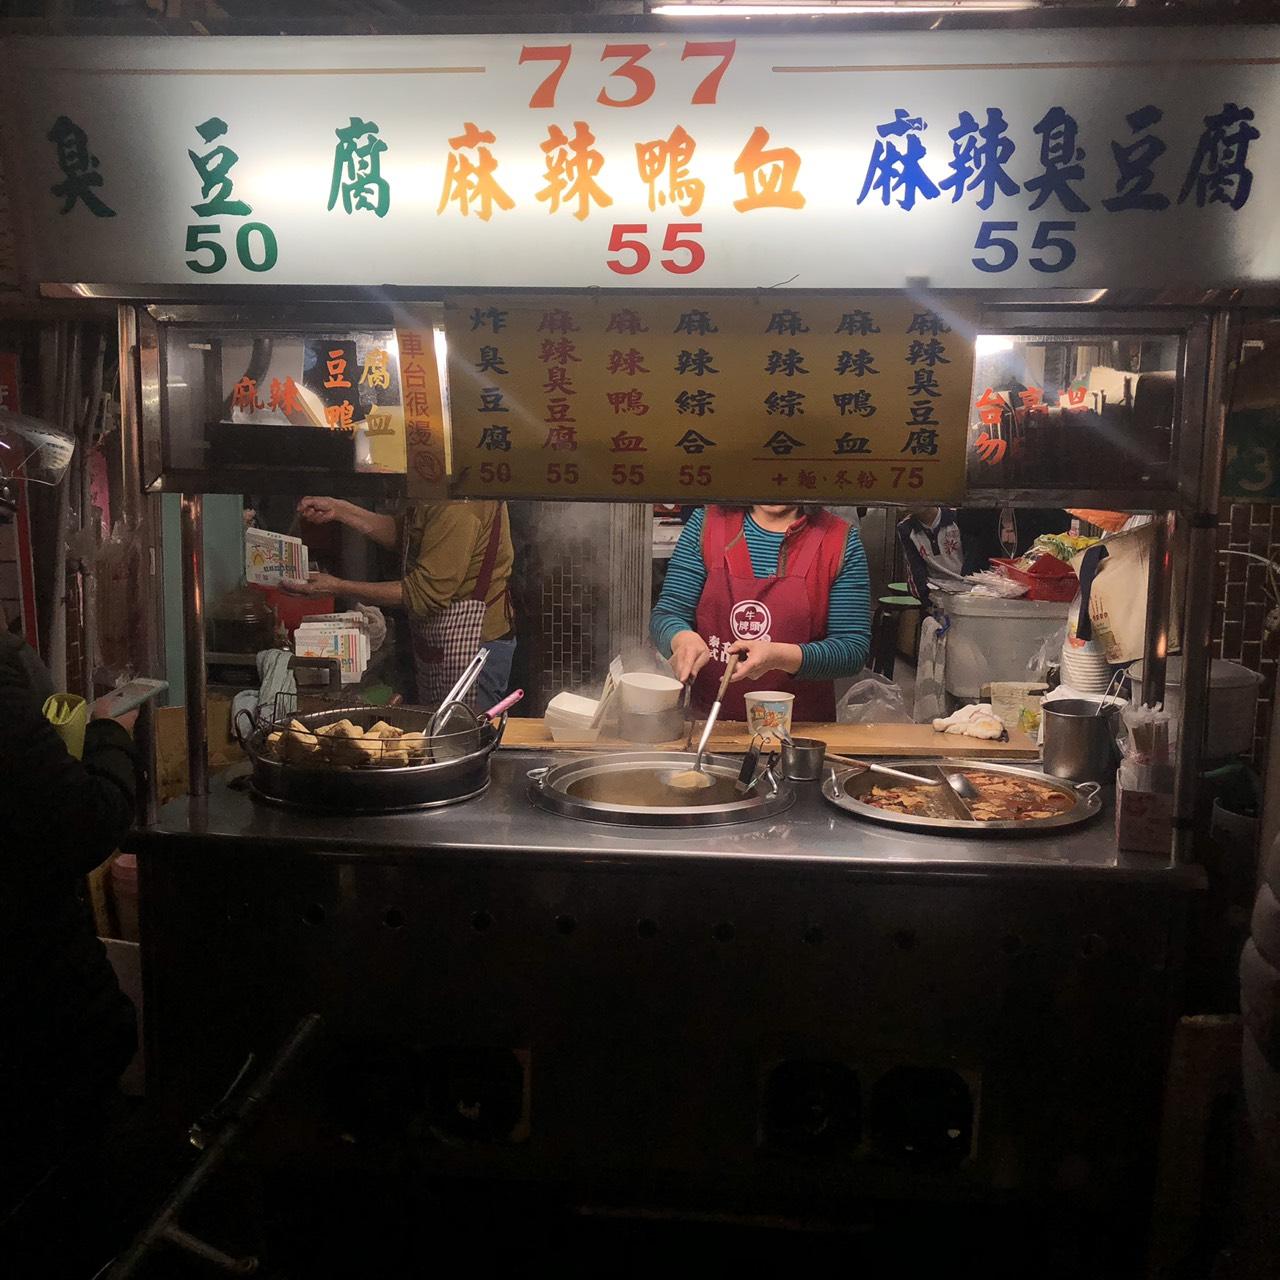 【食記】內湖737巷麻辣鴨血臭豆腐|內湖737巷夜市|愛吃辣一定要再加辣